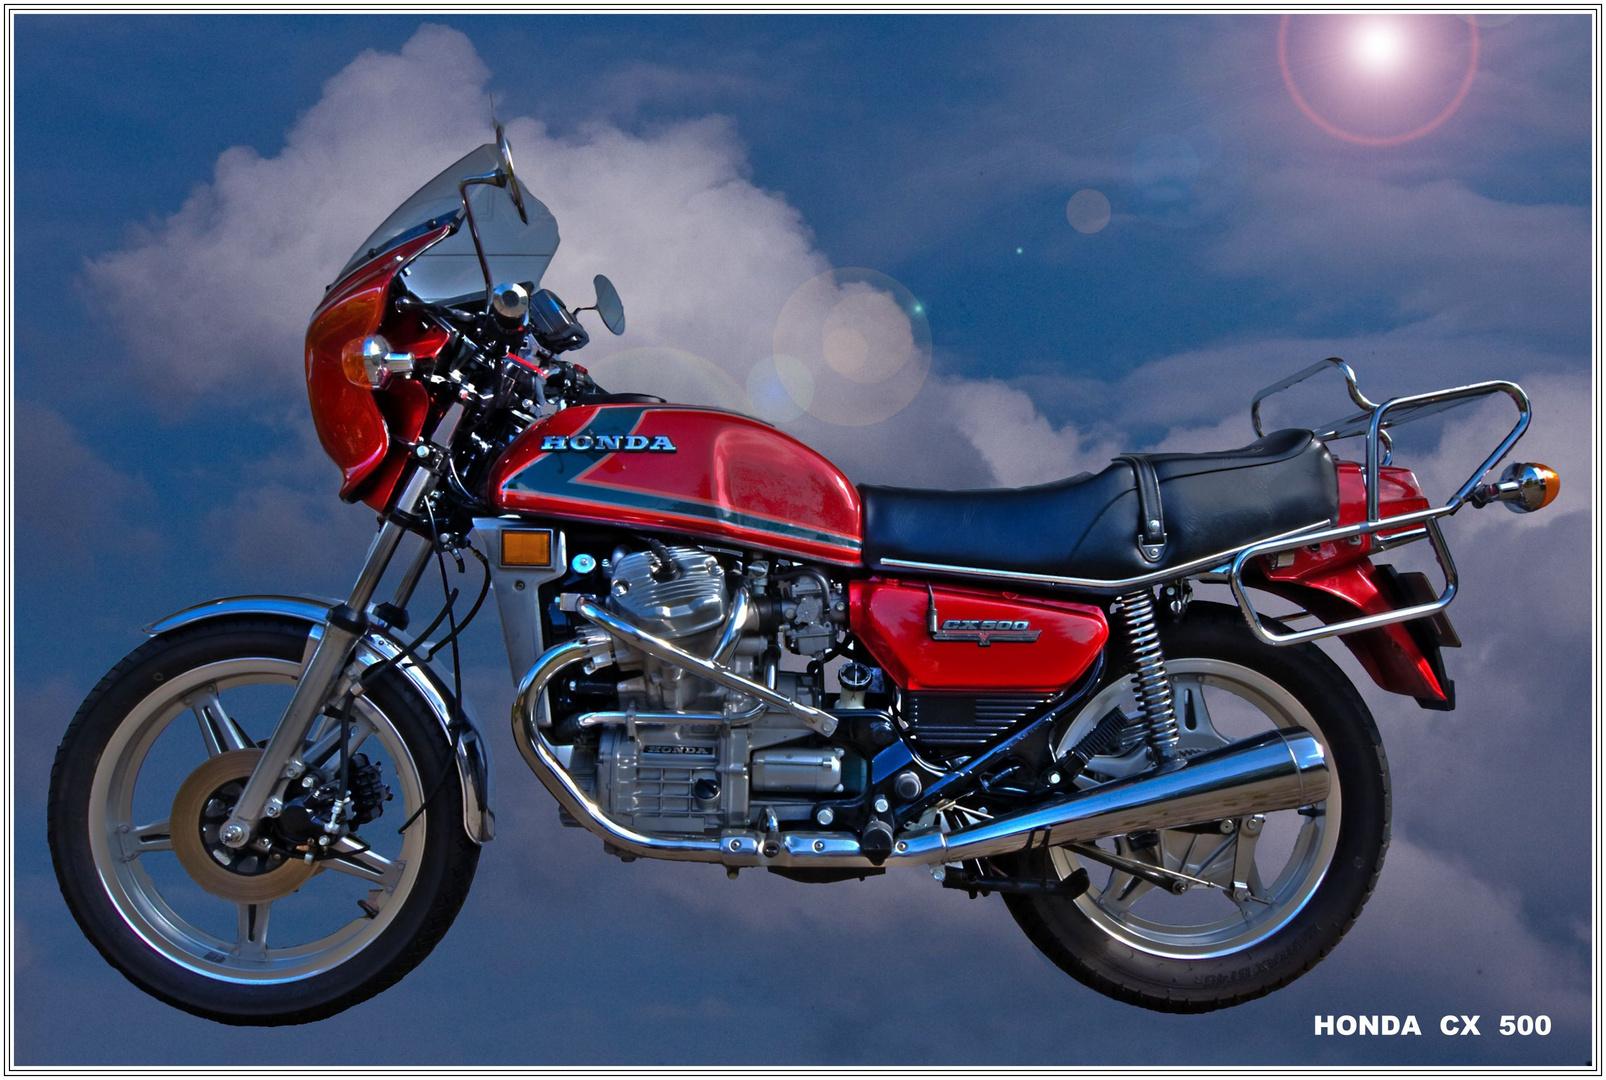 honda cx 500 foto bild autos zweir der motorr der motorrad legenden bilder auf. Black Bedroom Furniture Sets. Home Design Ideas